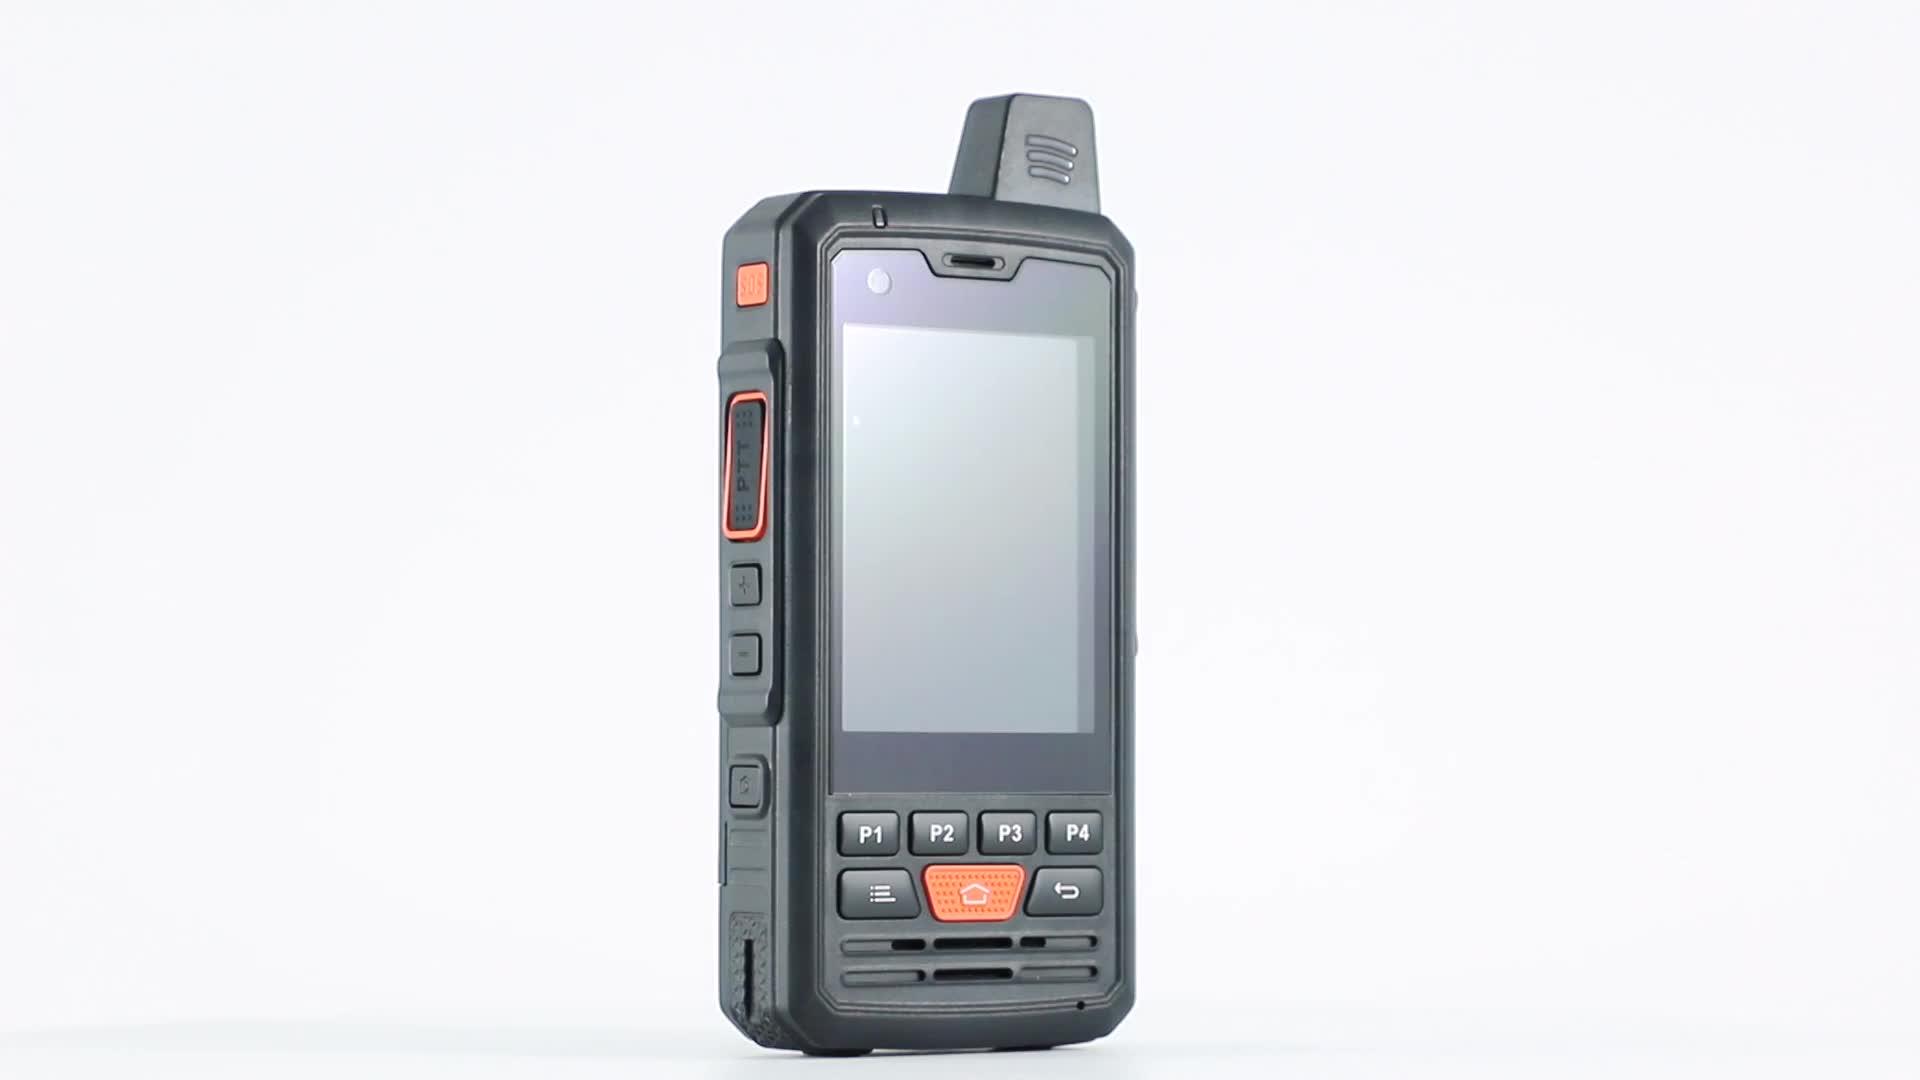 Teléfono Móvil resistente F50 con pantalla táctil de 2,8 pulgadas con Walkie Talkie